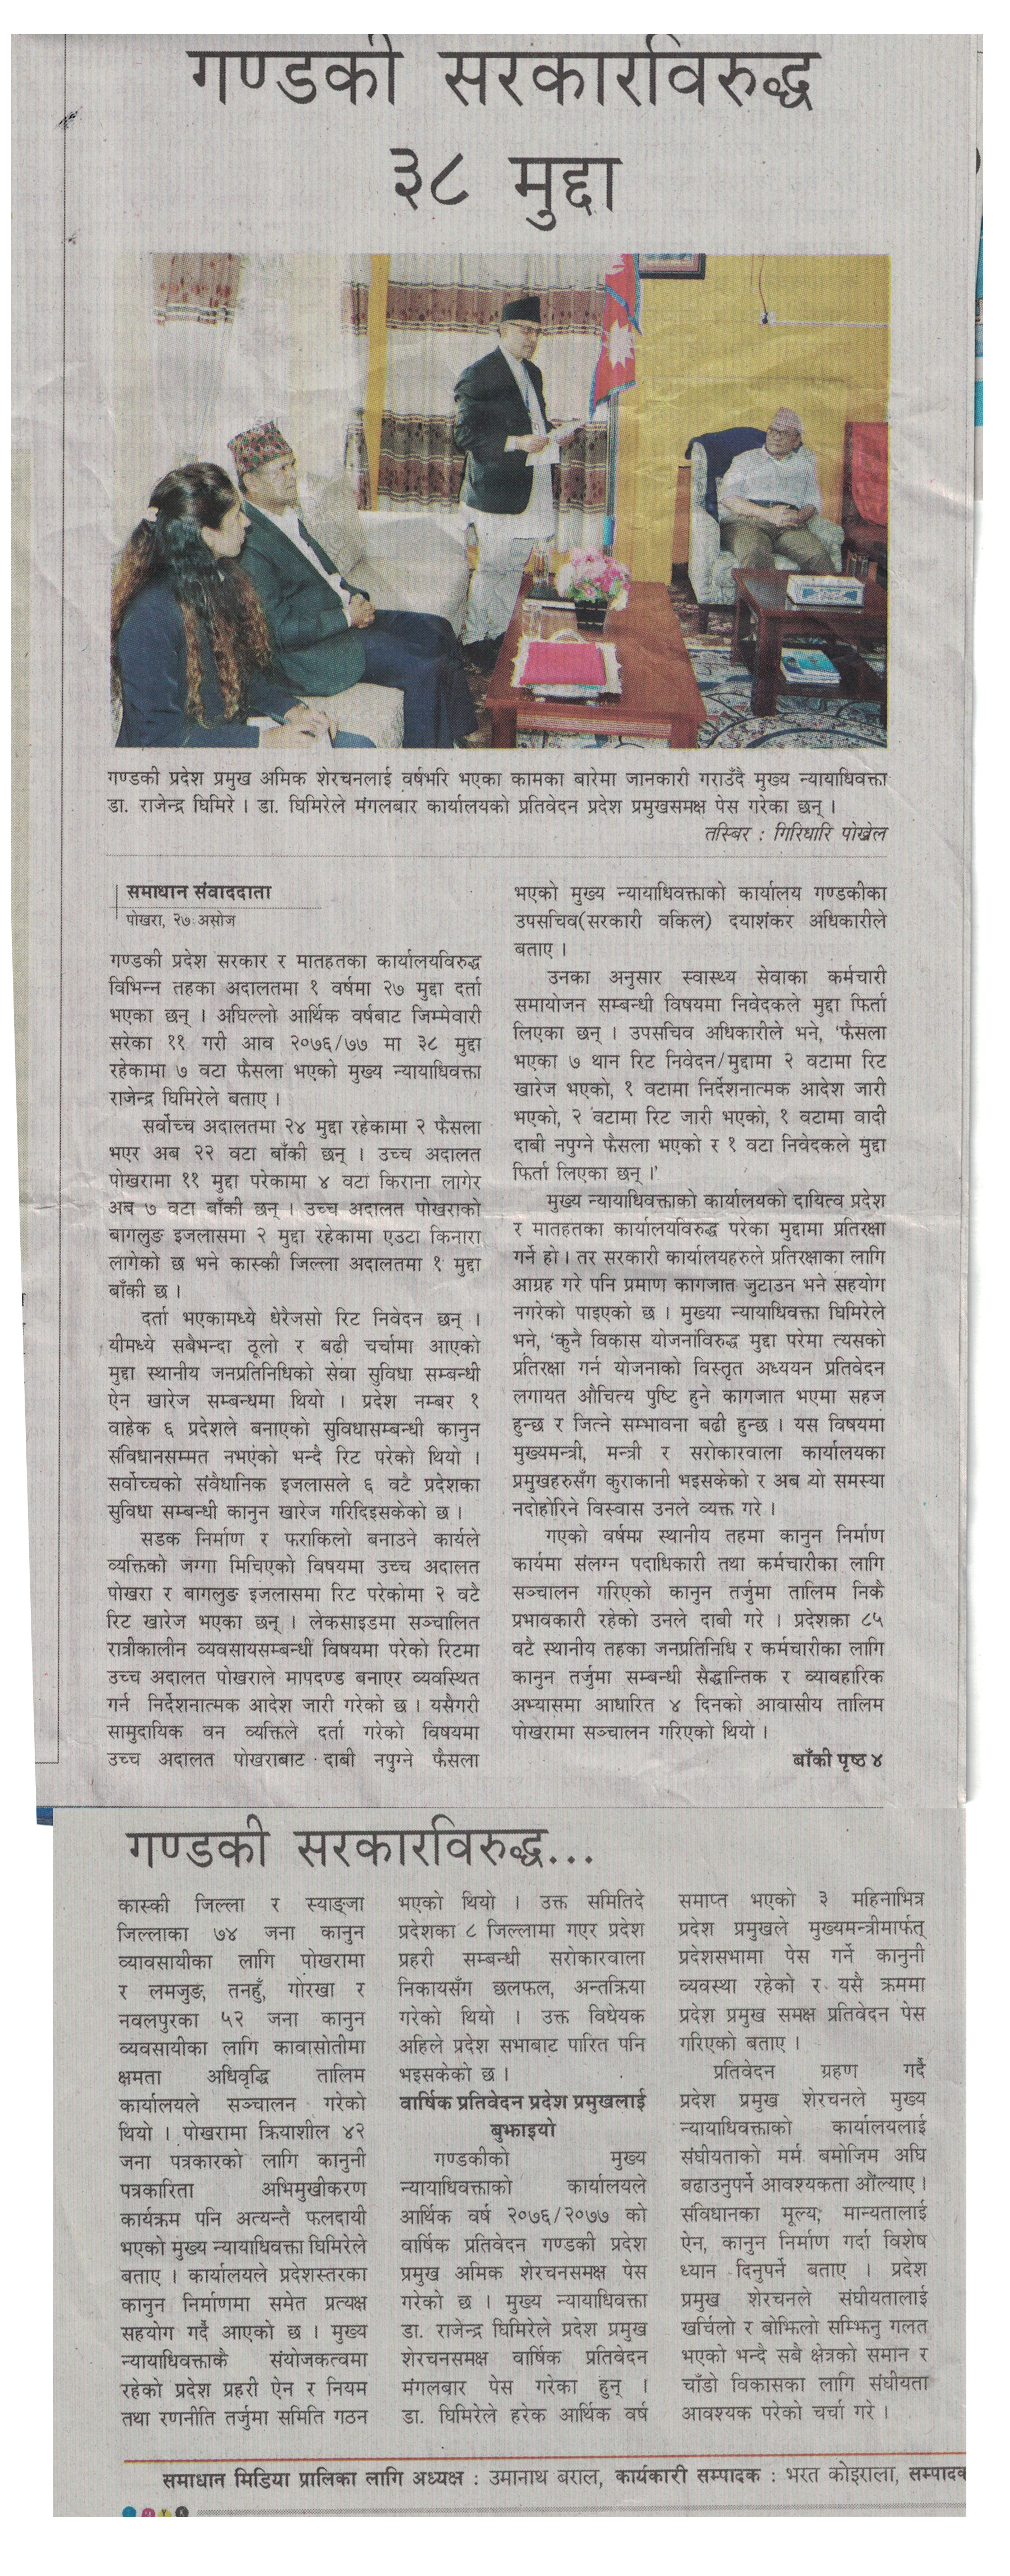 पत्रपत्रिकामा प्रकाशित समाचार/लेख